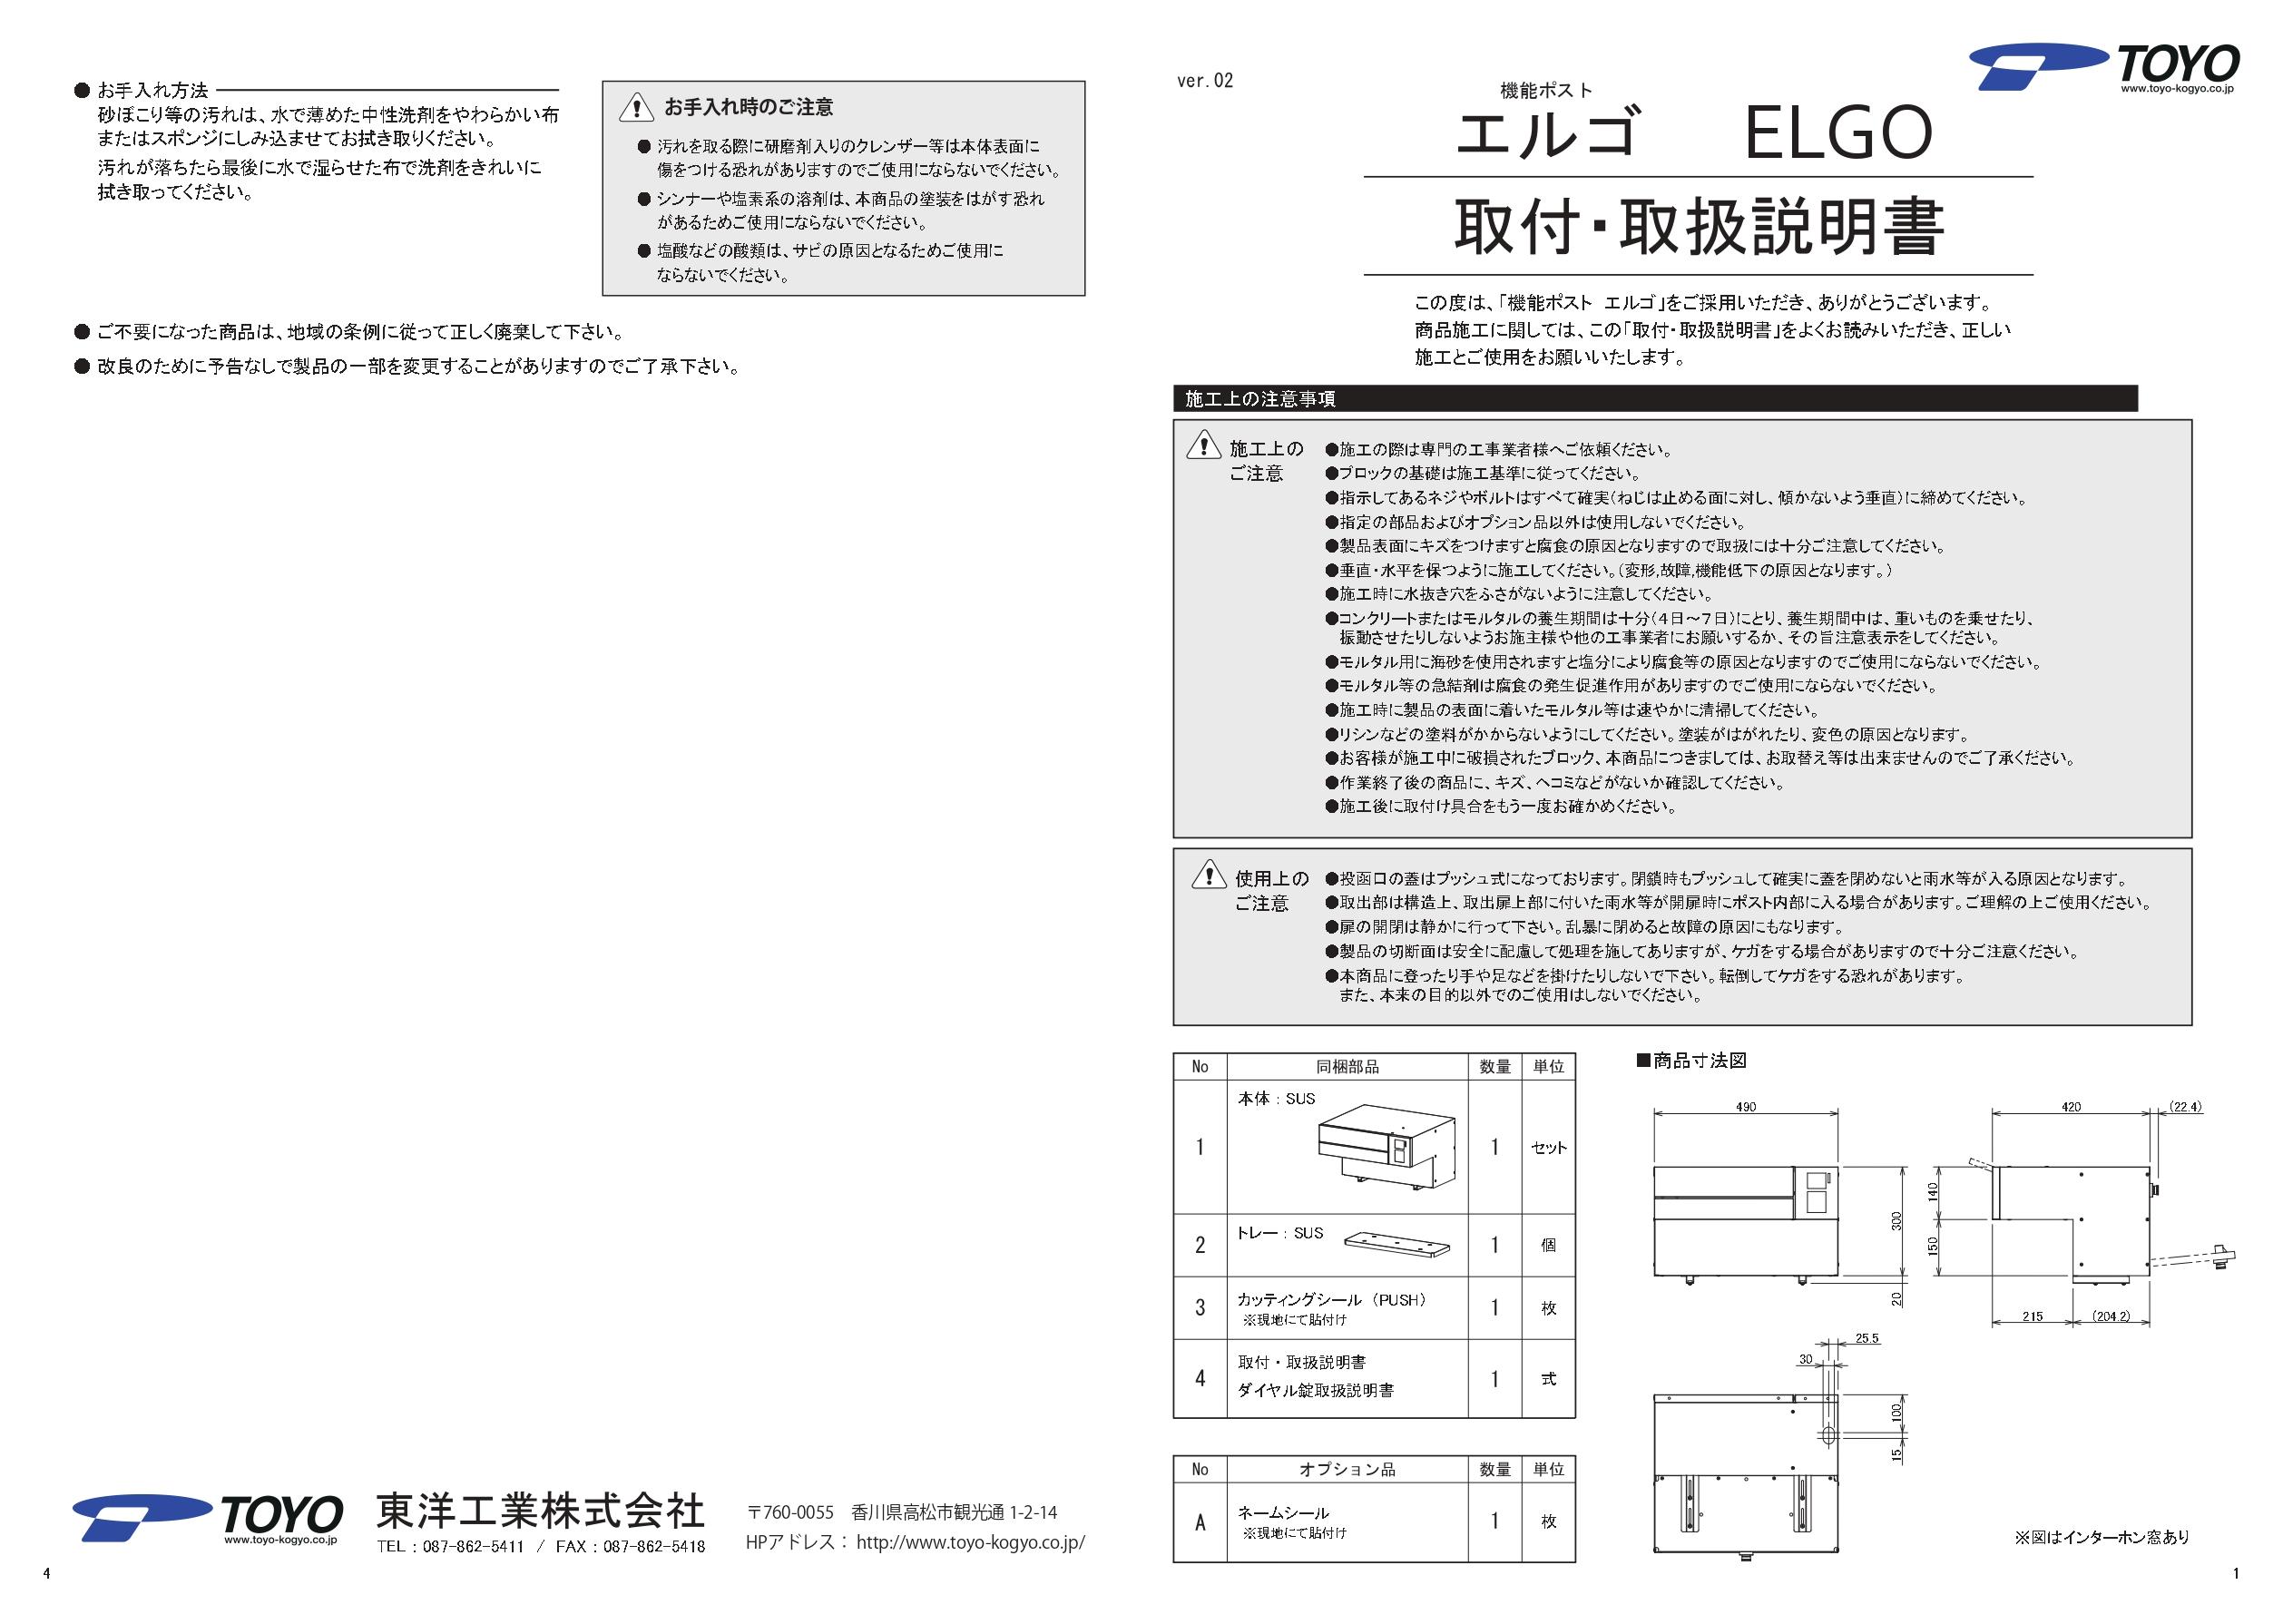 エルゴ_取付・取扱説明書_page-0001